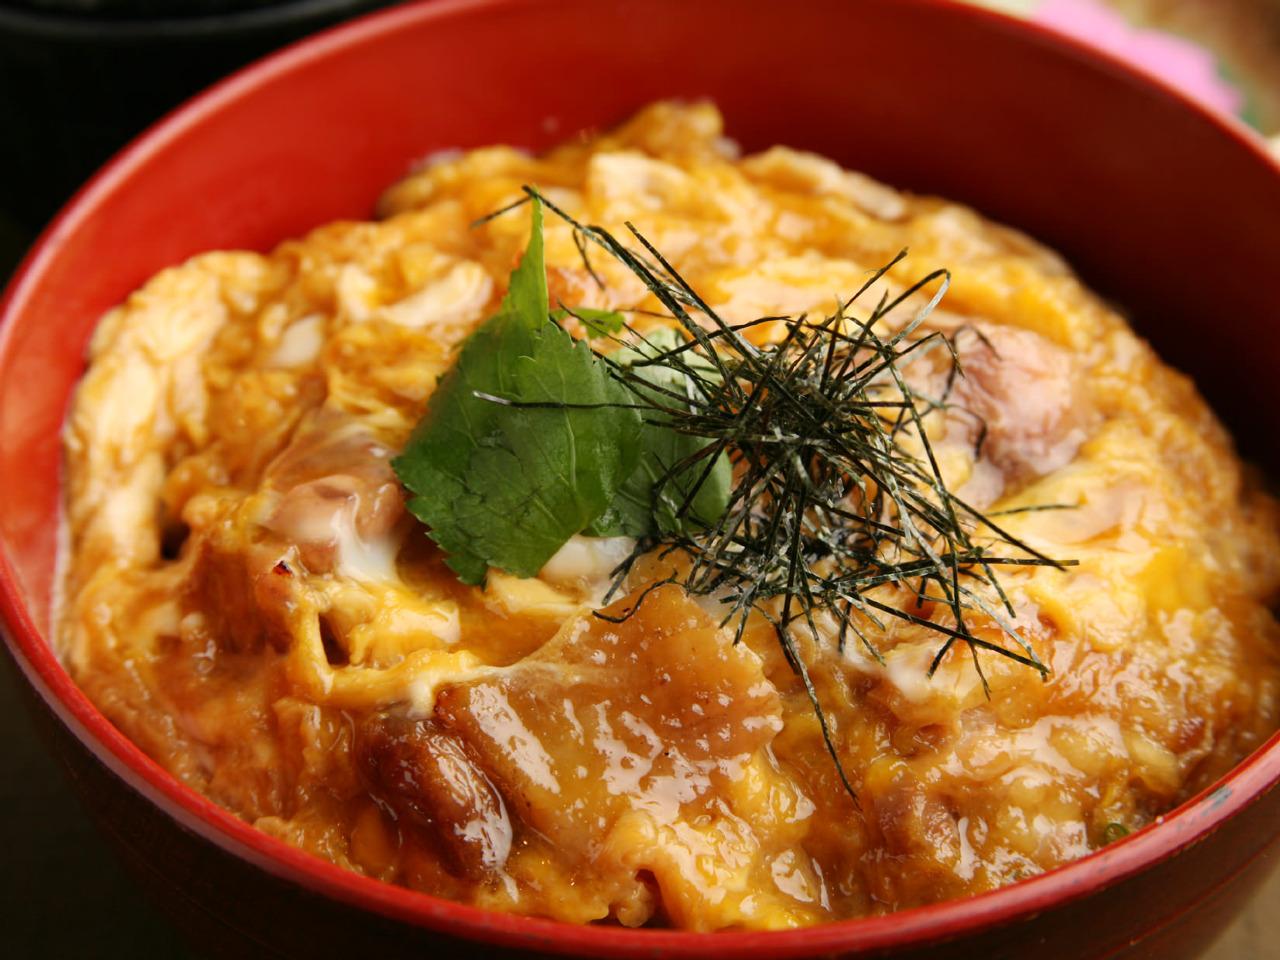 鶏がら?和風?だしで変わる、いろんな風味の親子丼のレシピ5選のサムネイル画像